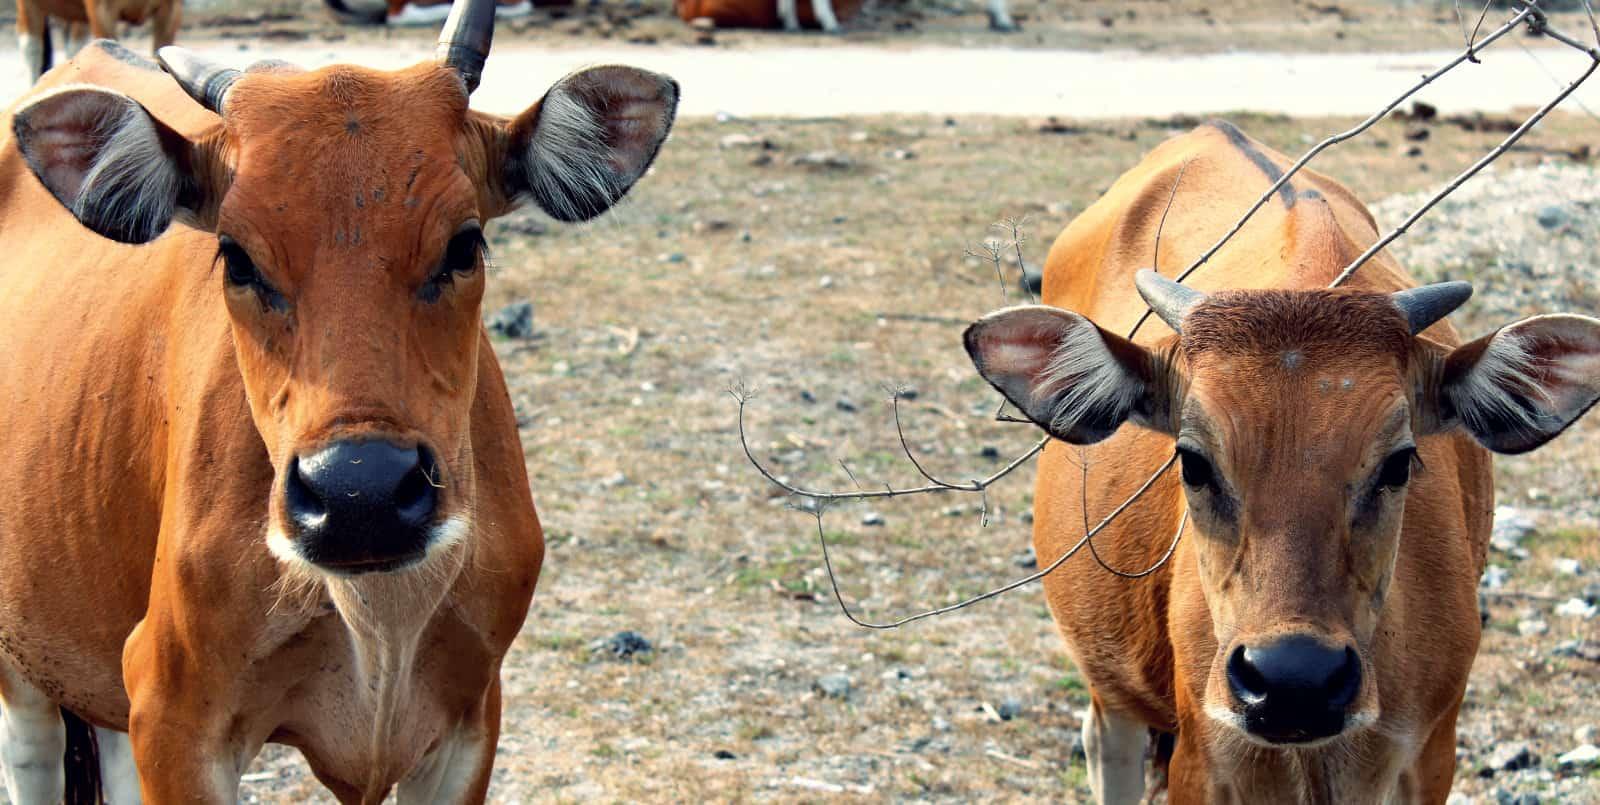 Bali cows look like our deer